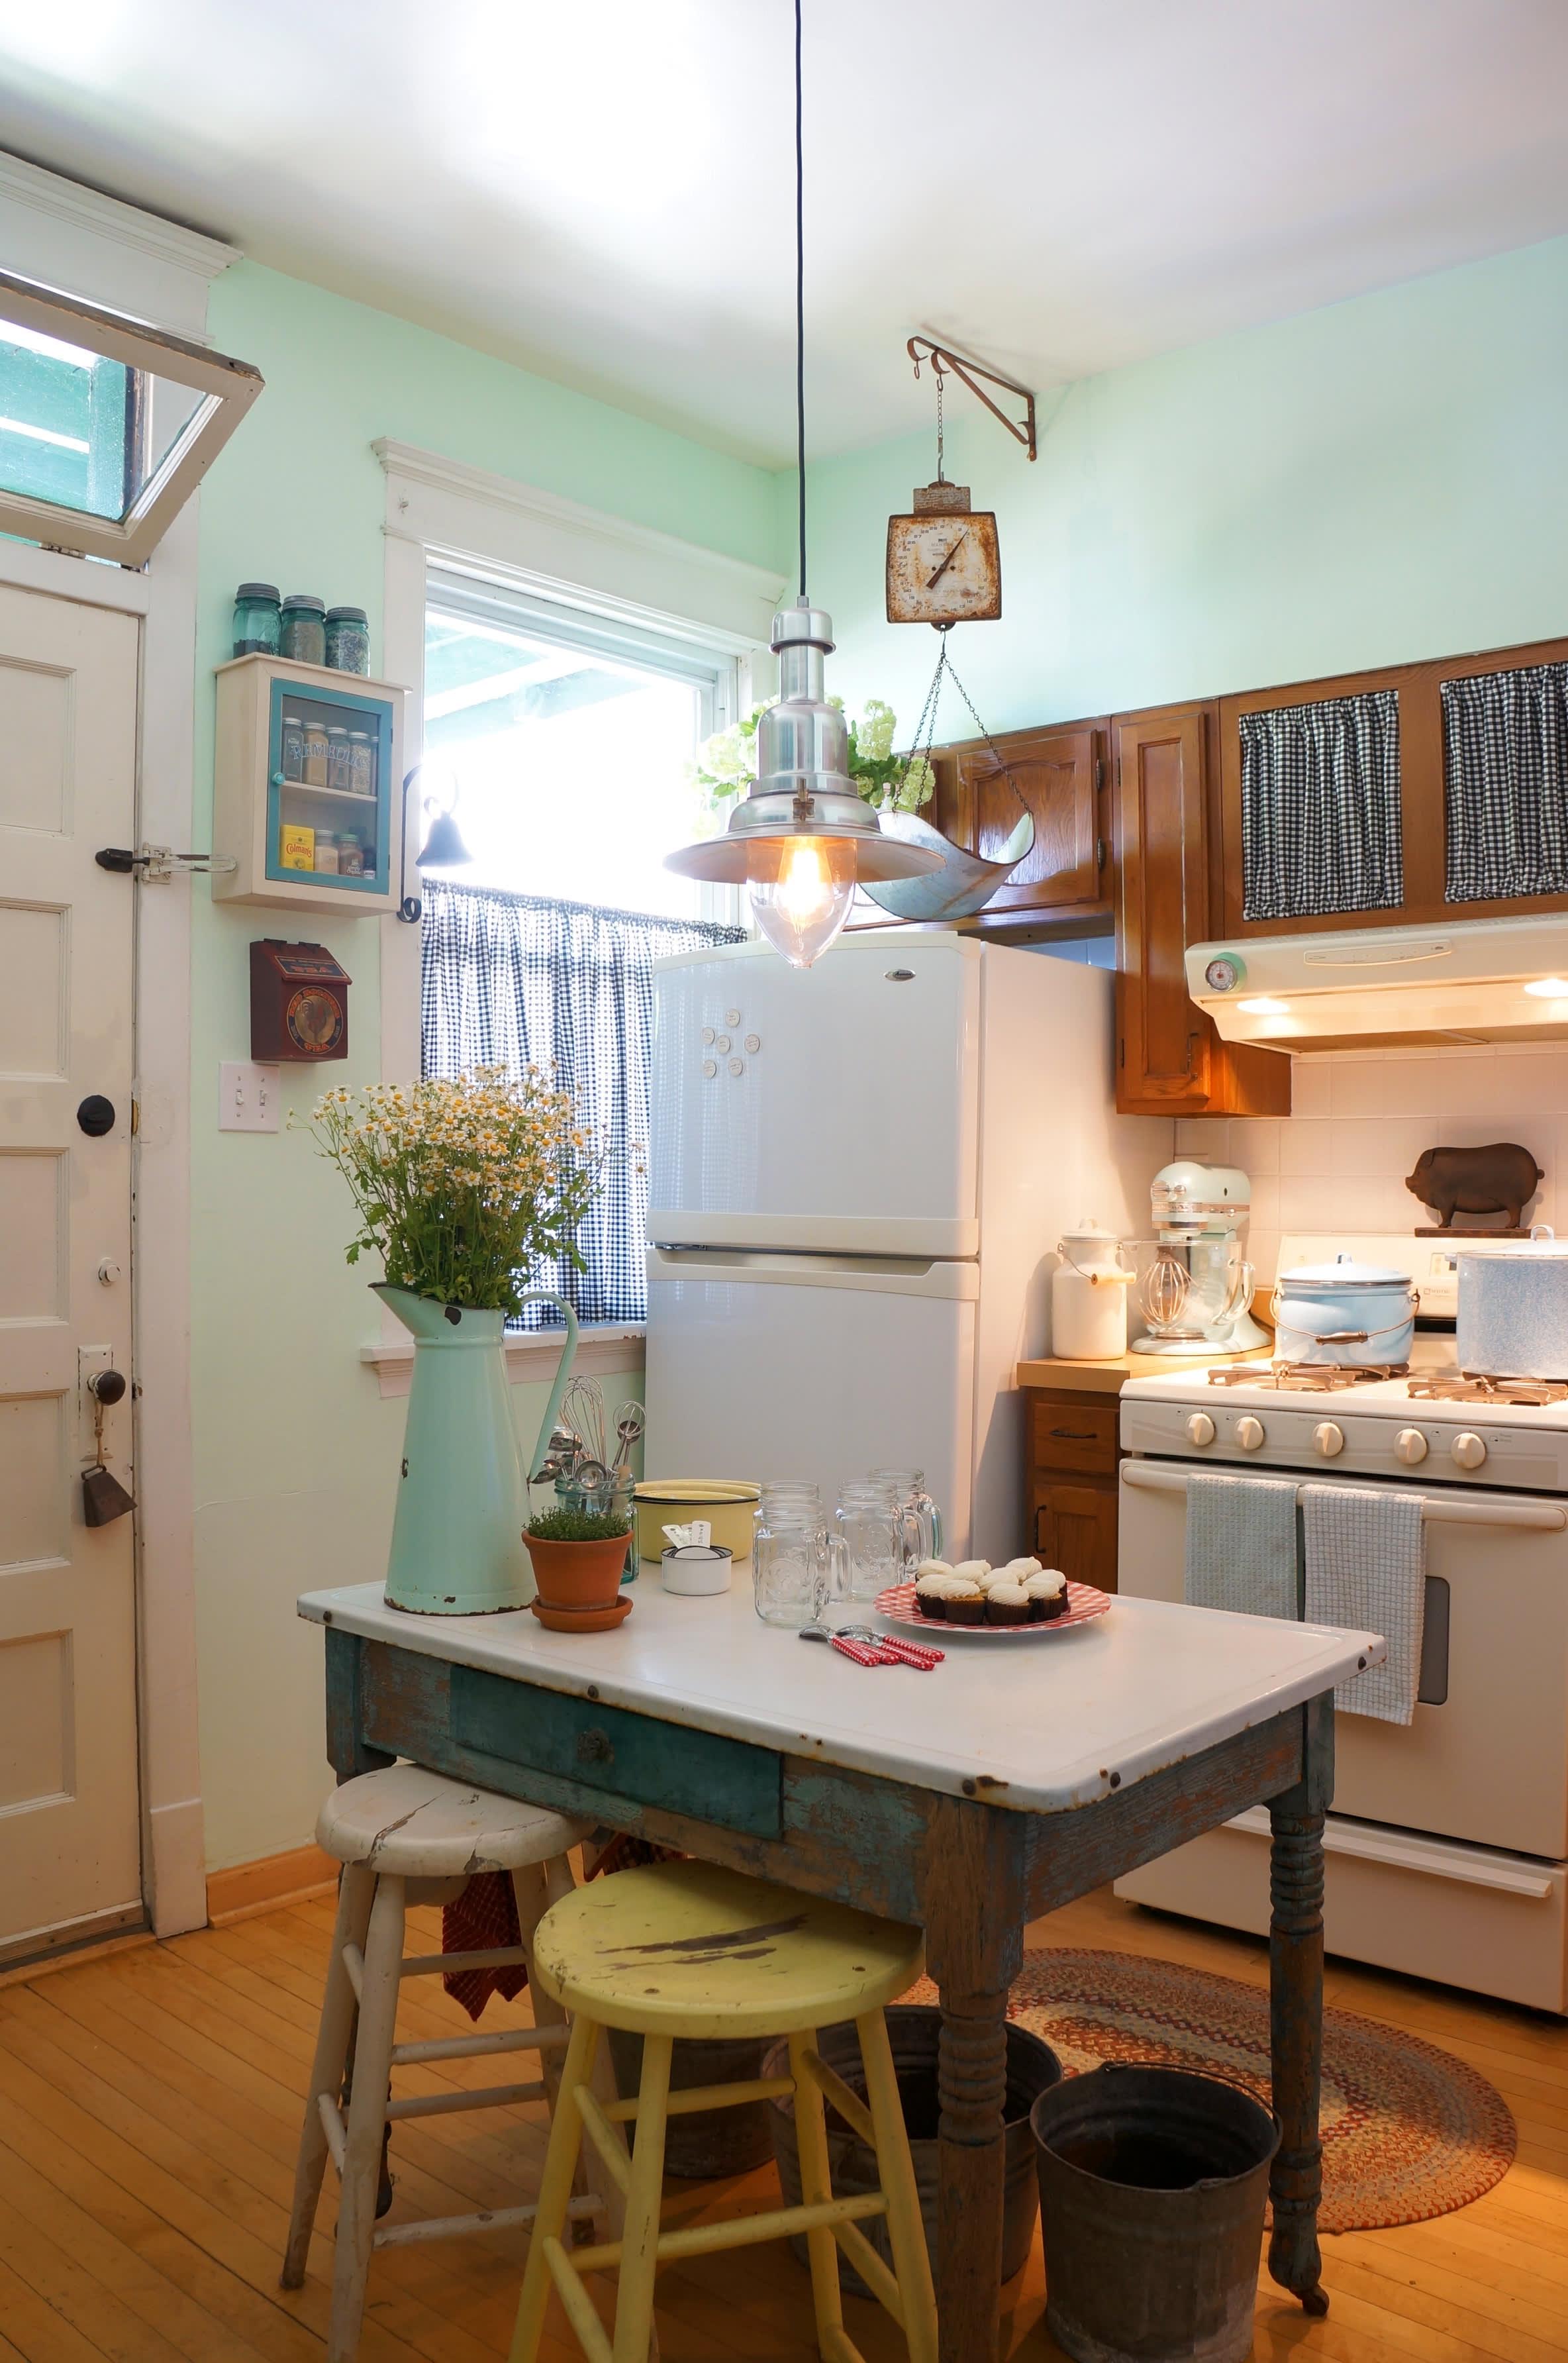 House Tour: Cozy Farmhouse Style, Evolved   Apartment Therapy